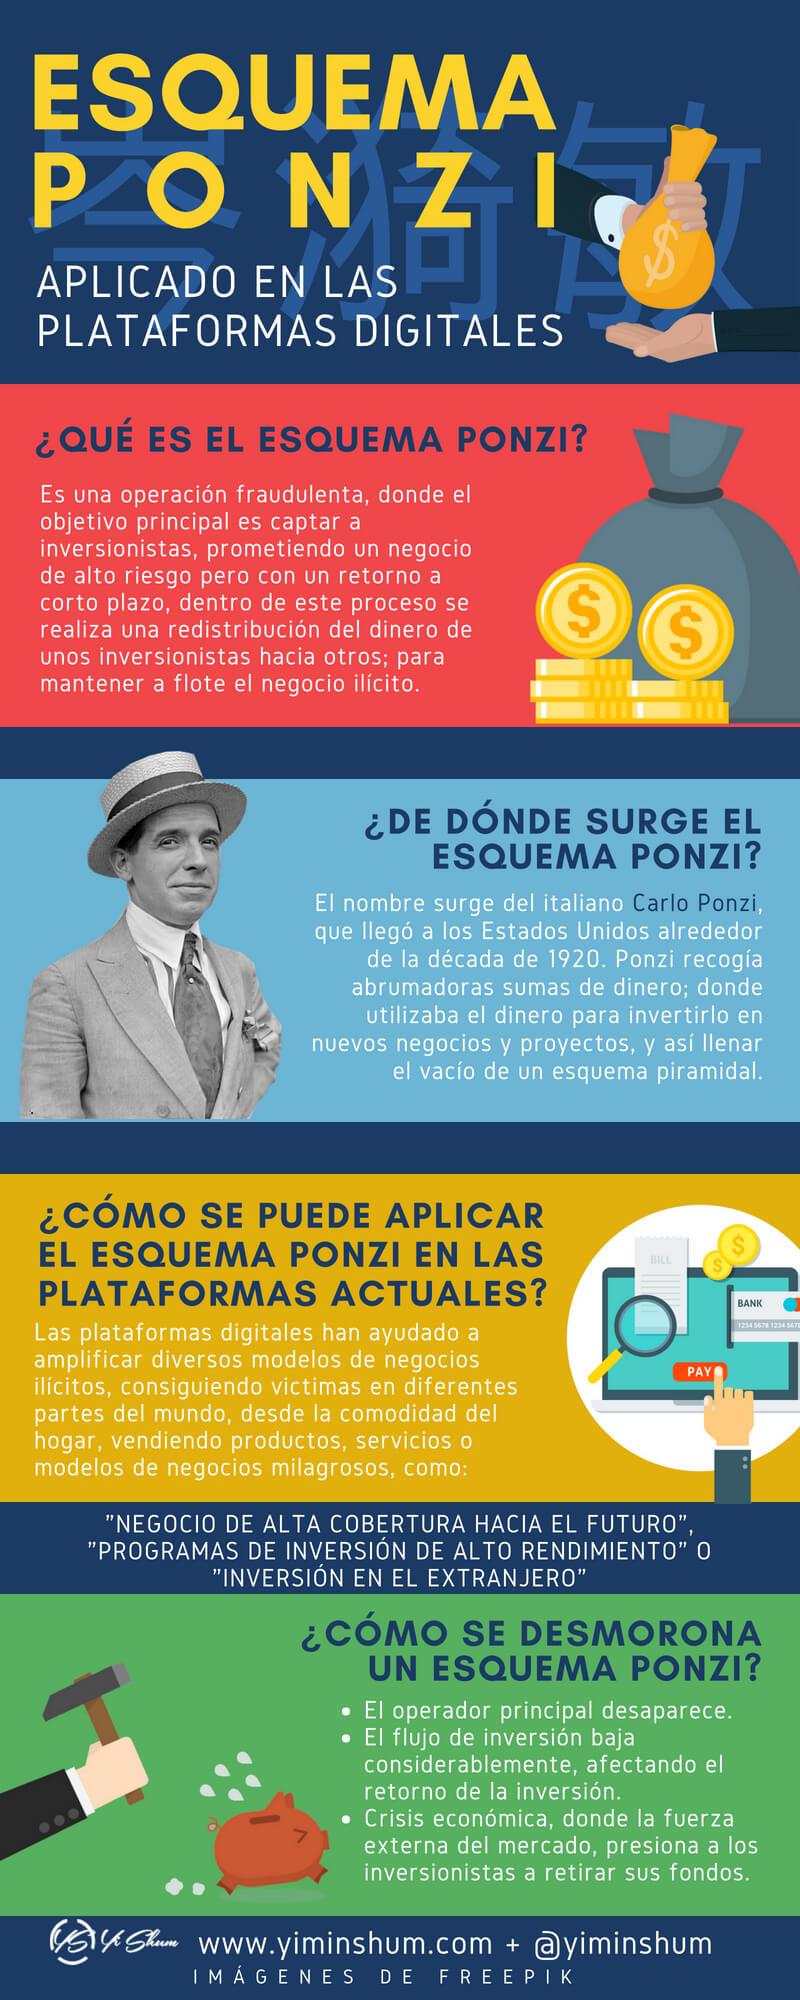 Esquema Ponzi aplicado a las Plataformas Digitales